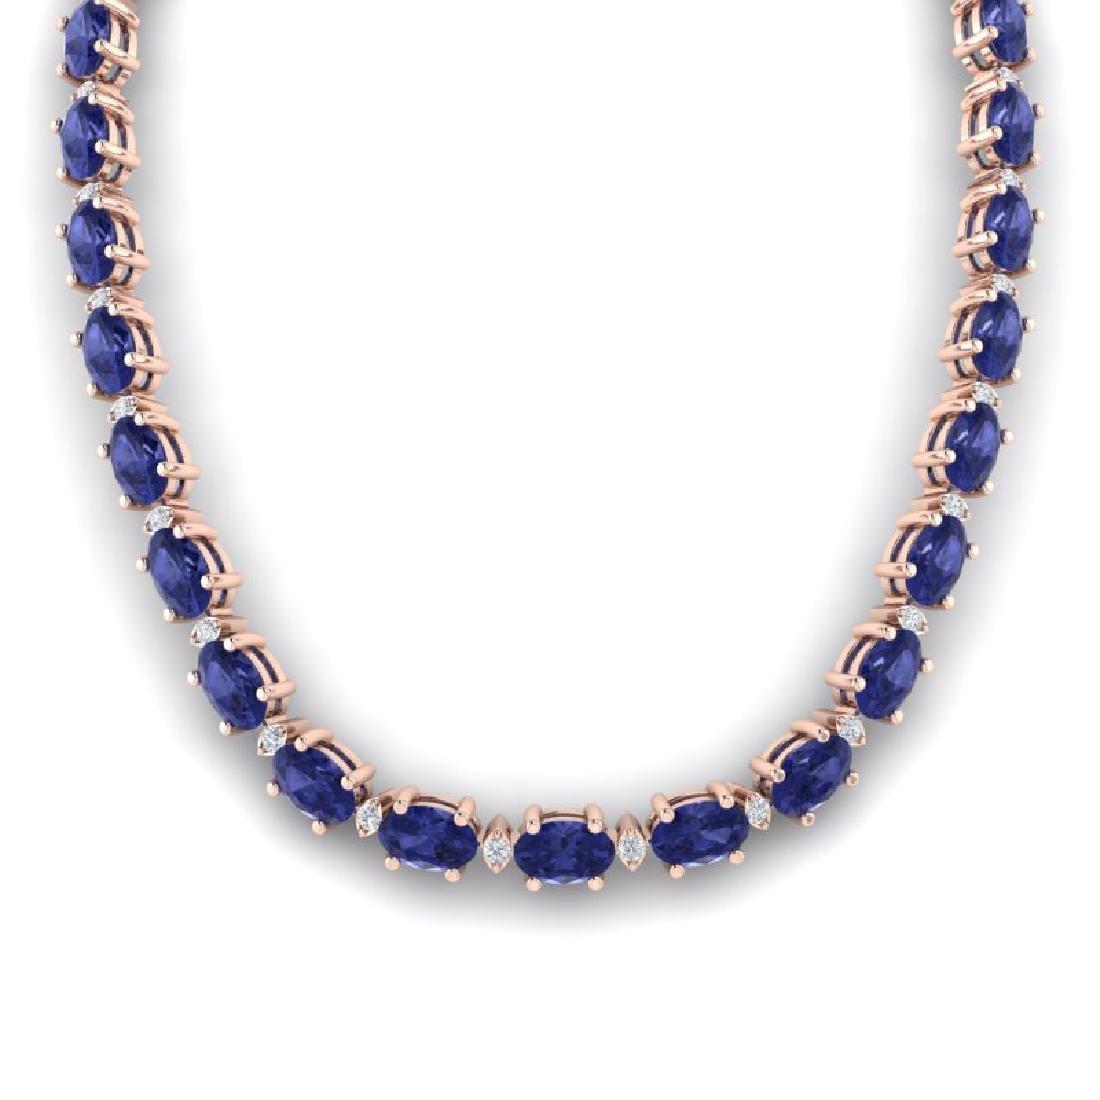 61.85 CTW Tanzanite & VS/SI Certified Diamond Necklace